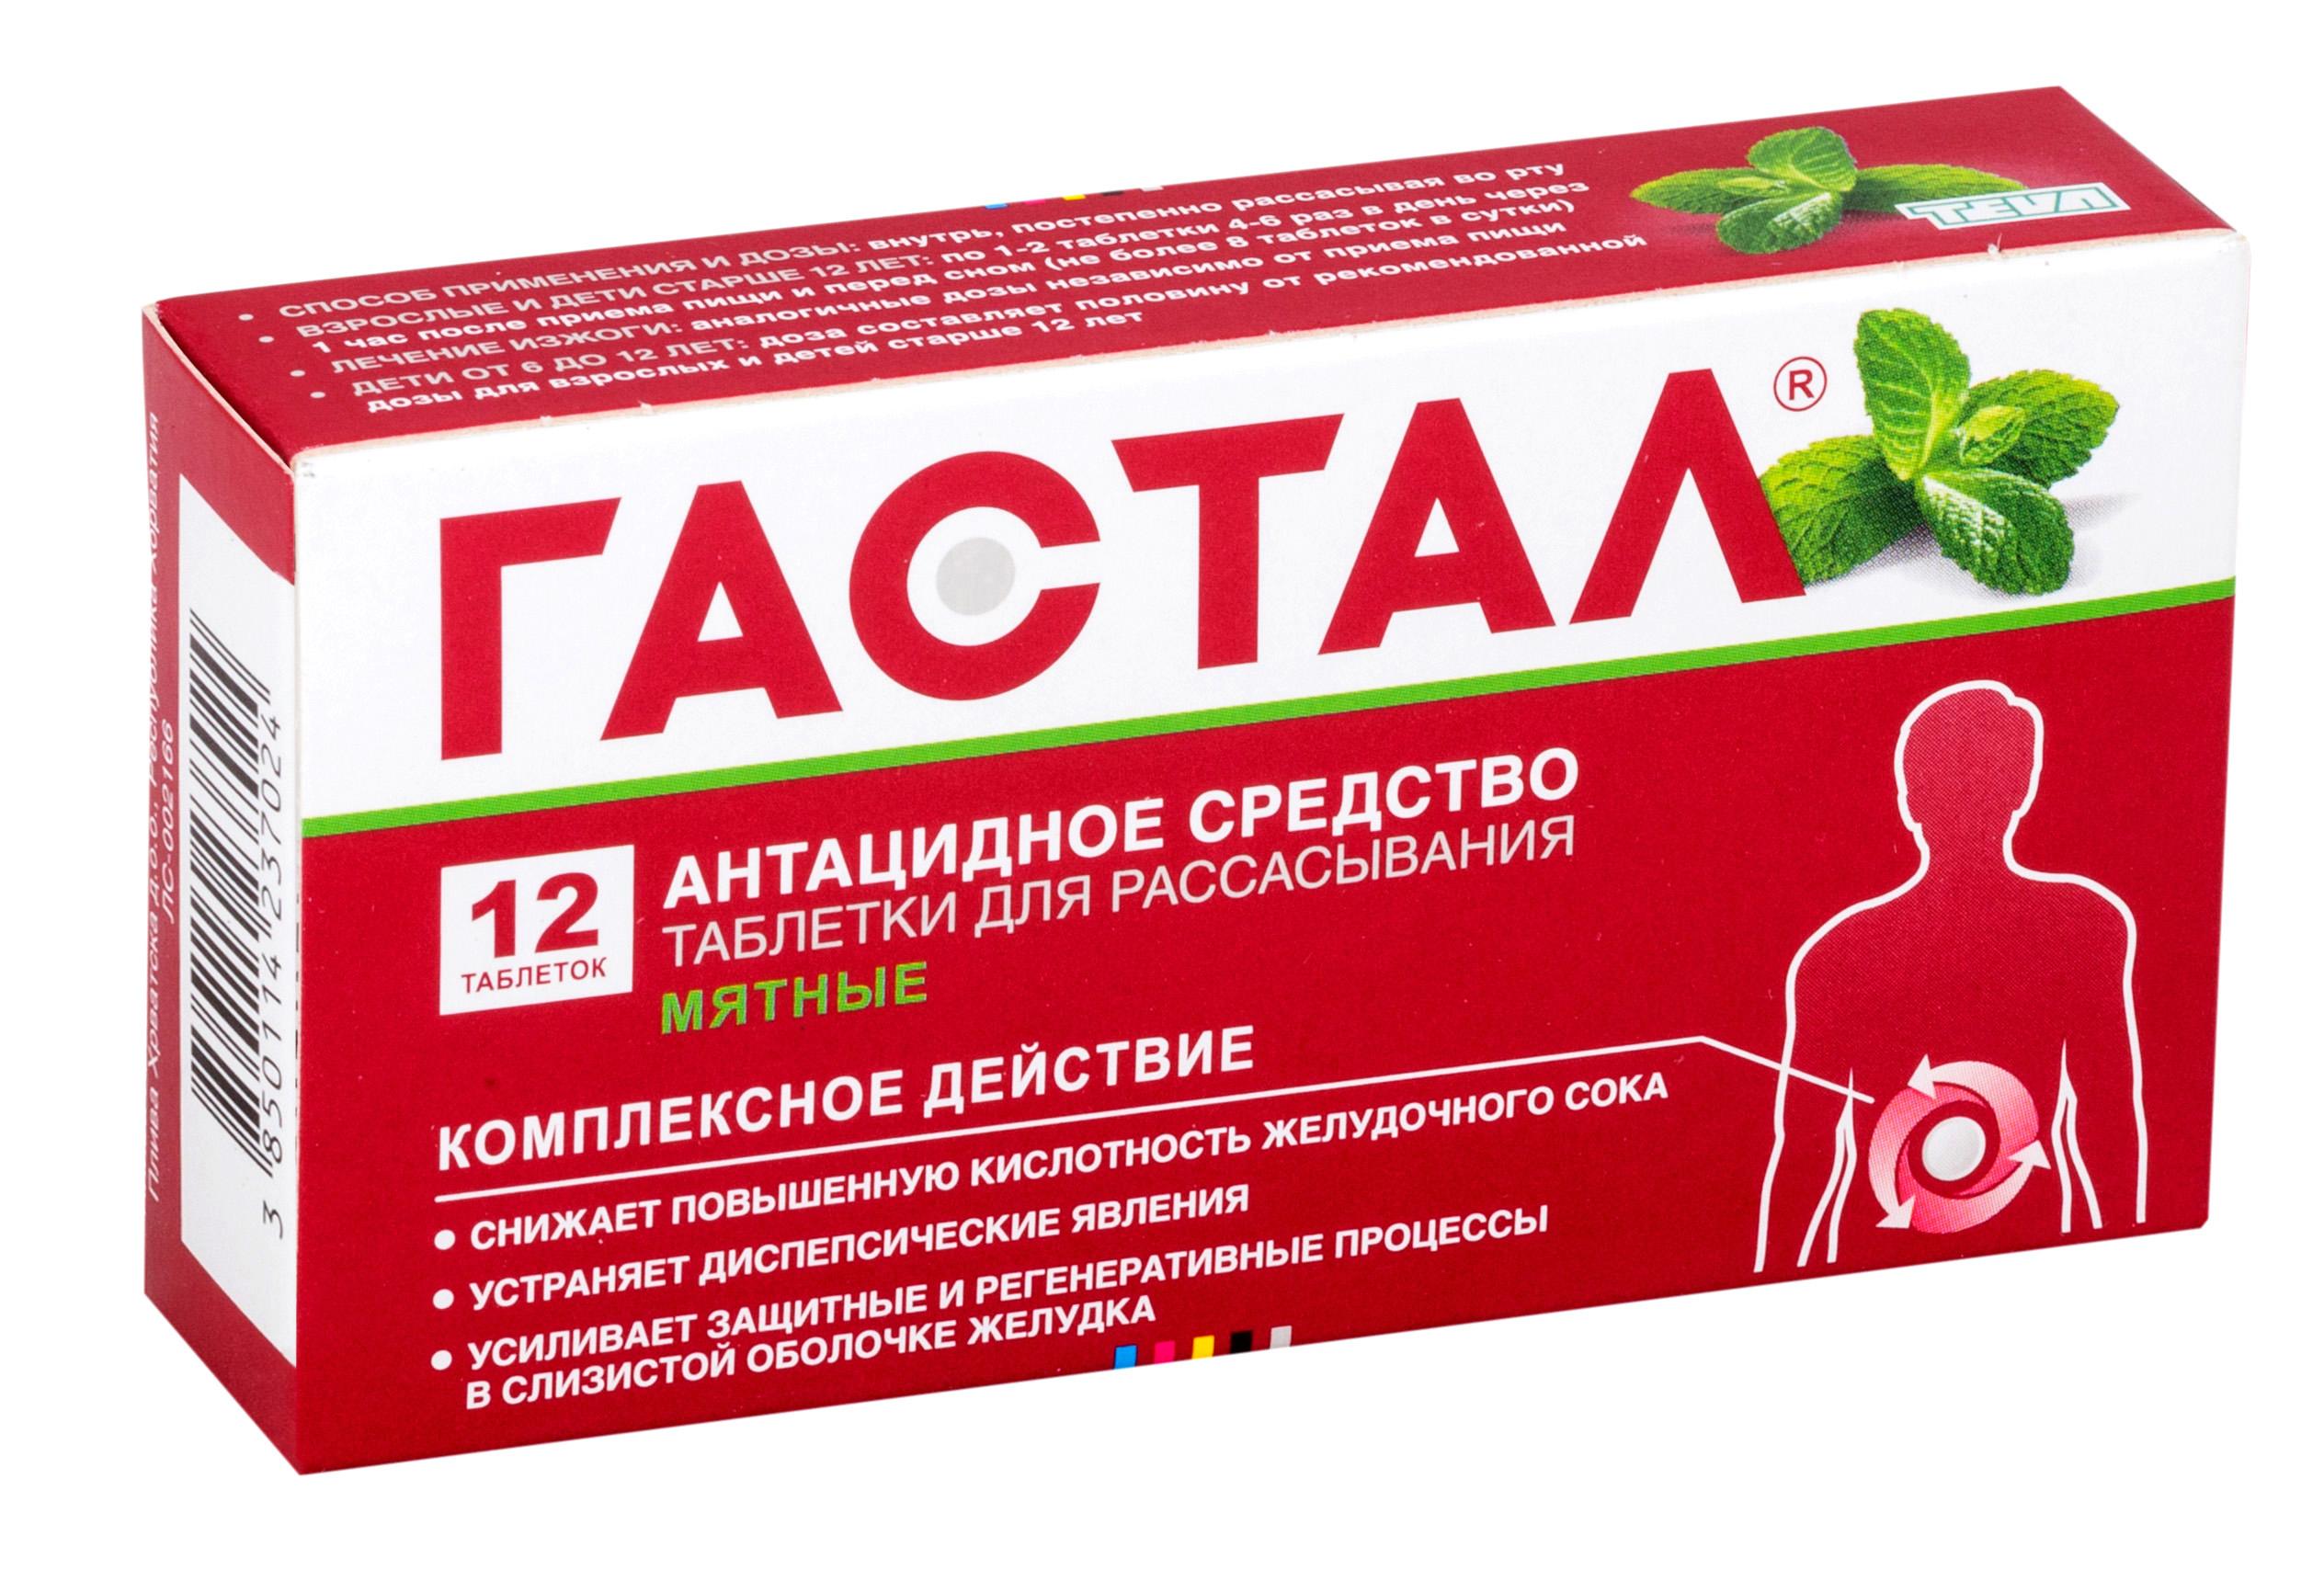 Гастал табл. д/рассас. мятные №12